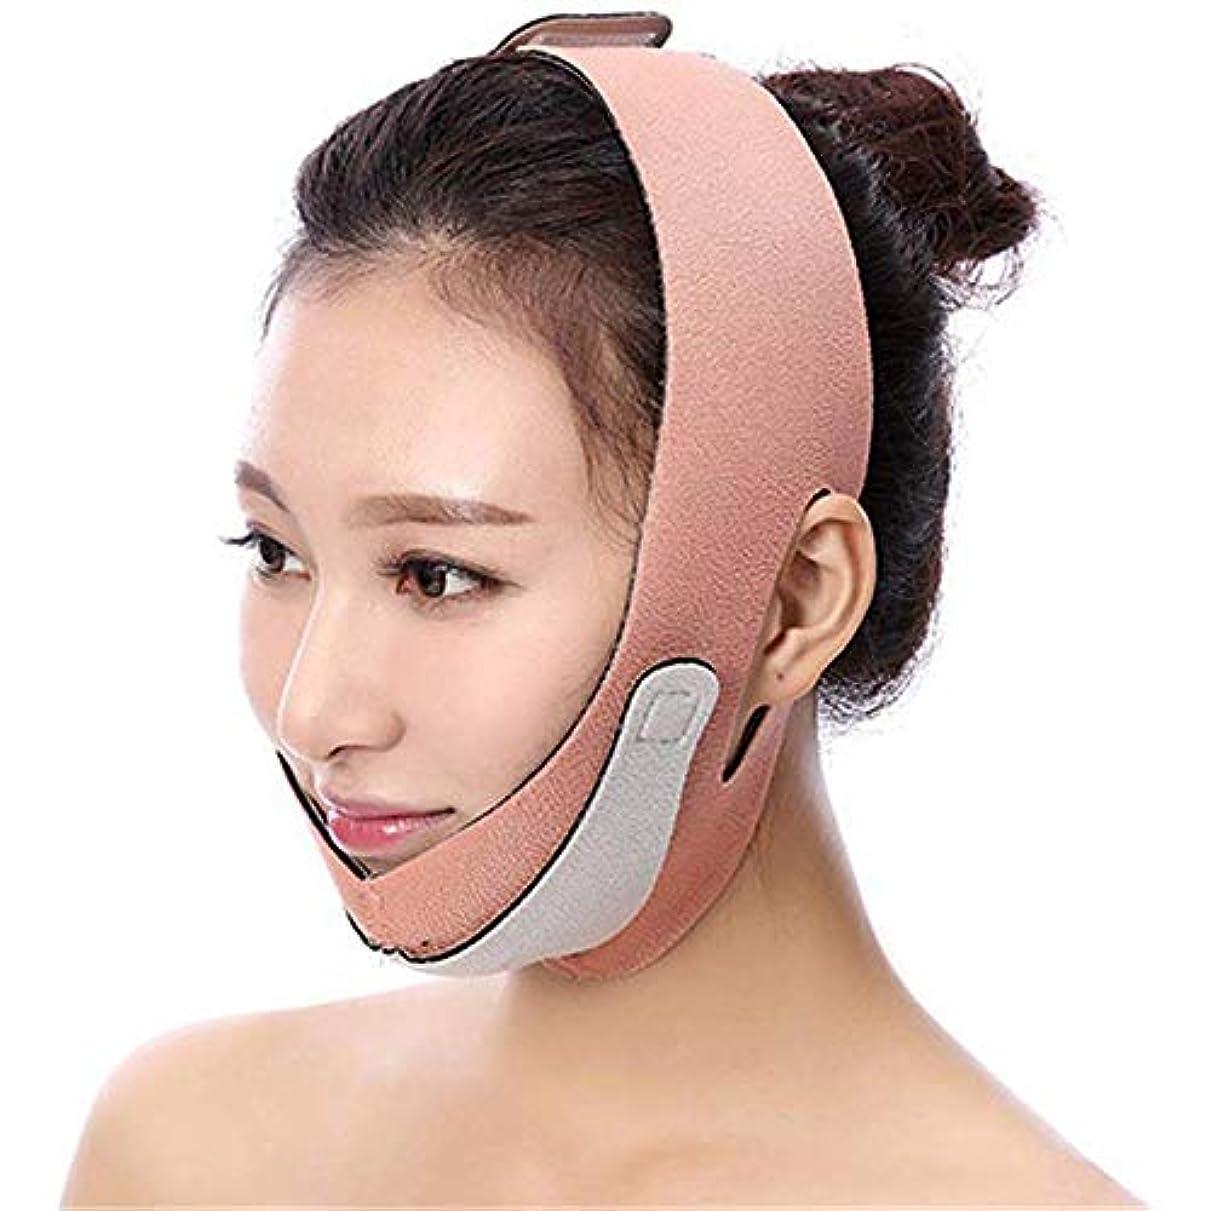 バラエティ受付机WSJTT 顔のスリミングチンストラップ - チンをエイジングアンチフェイシャルマスクを持ち上げ - 皮膚のたるみ二重あごケア減量フェイスベルト、Vフェイスライン包帯ネックサポートフェイシャルリフトを排除